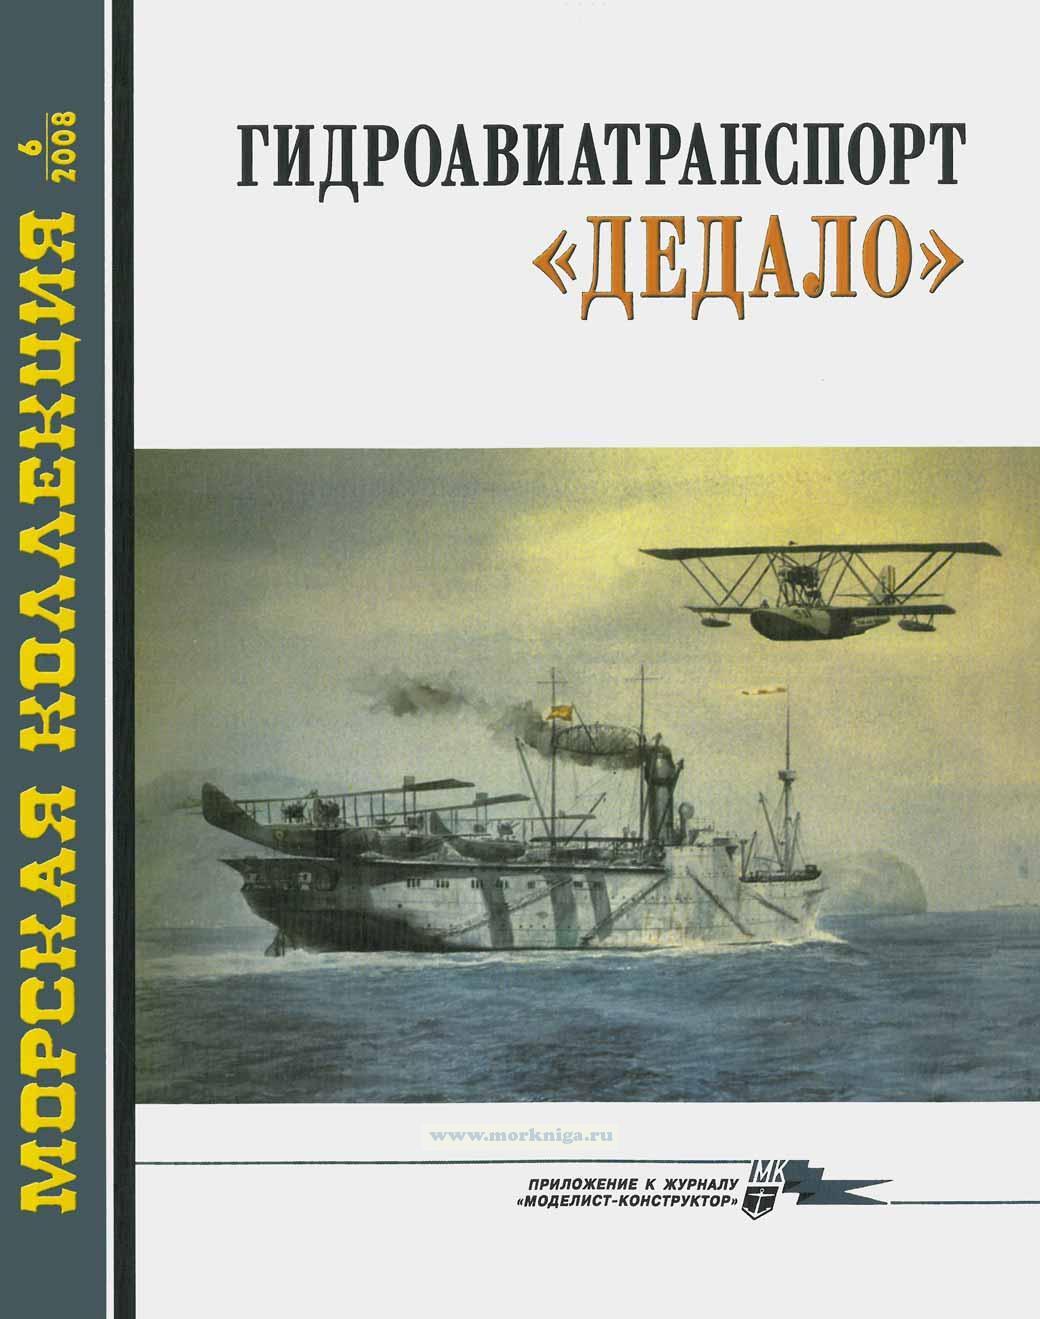 """Гидроавиатранспорт """"Дедало"""". Морская коллекция №6 (2008)"""